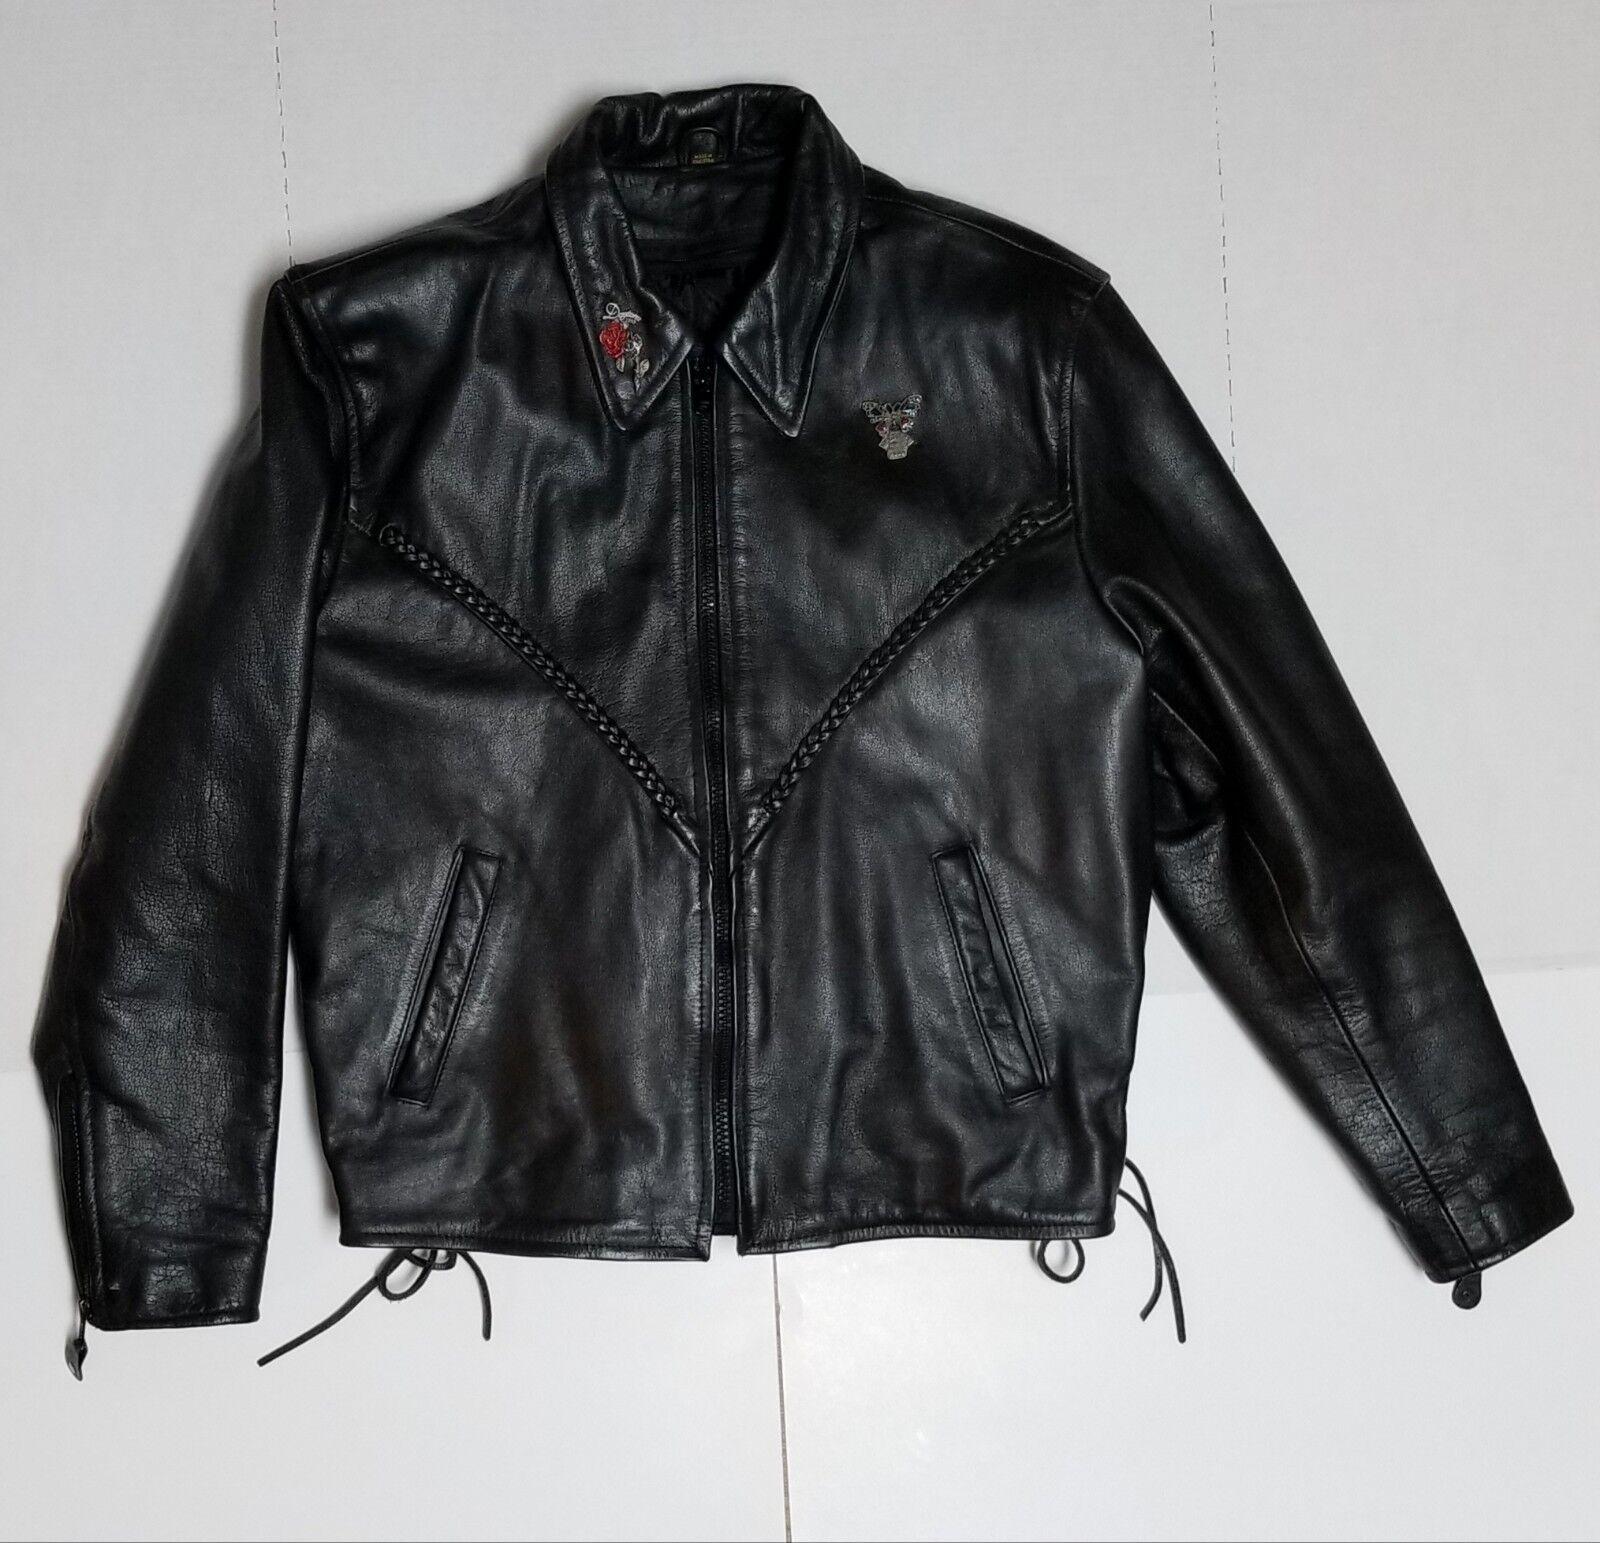 Para mujer Chaqueta de cuero de la  motocicleta Barney Tamaño Extra Grande Negro Seminuevo  cómodamente